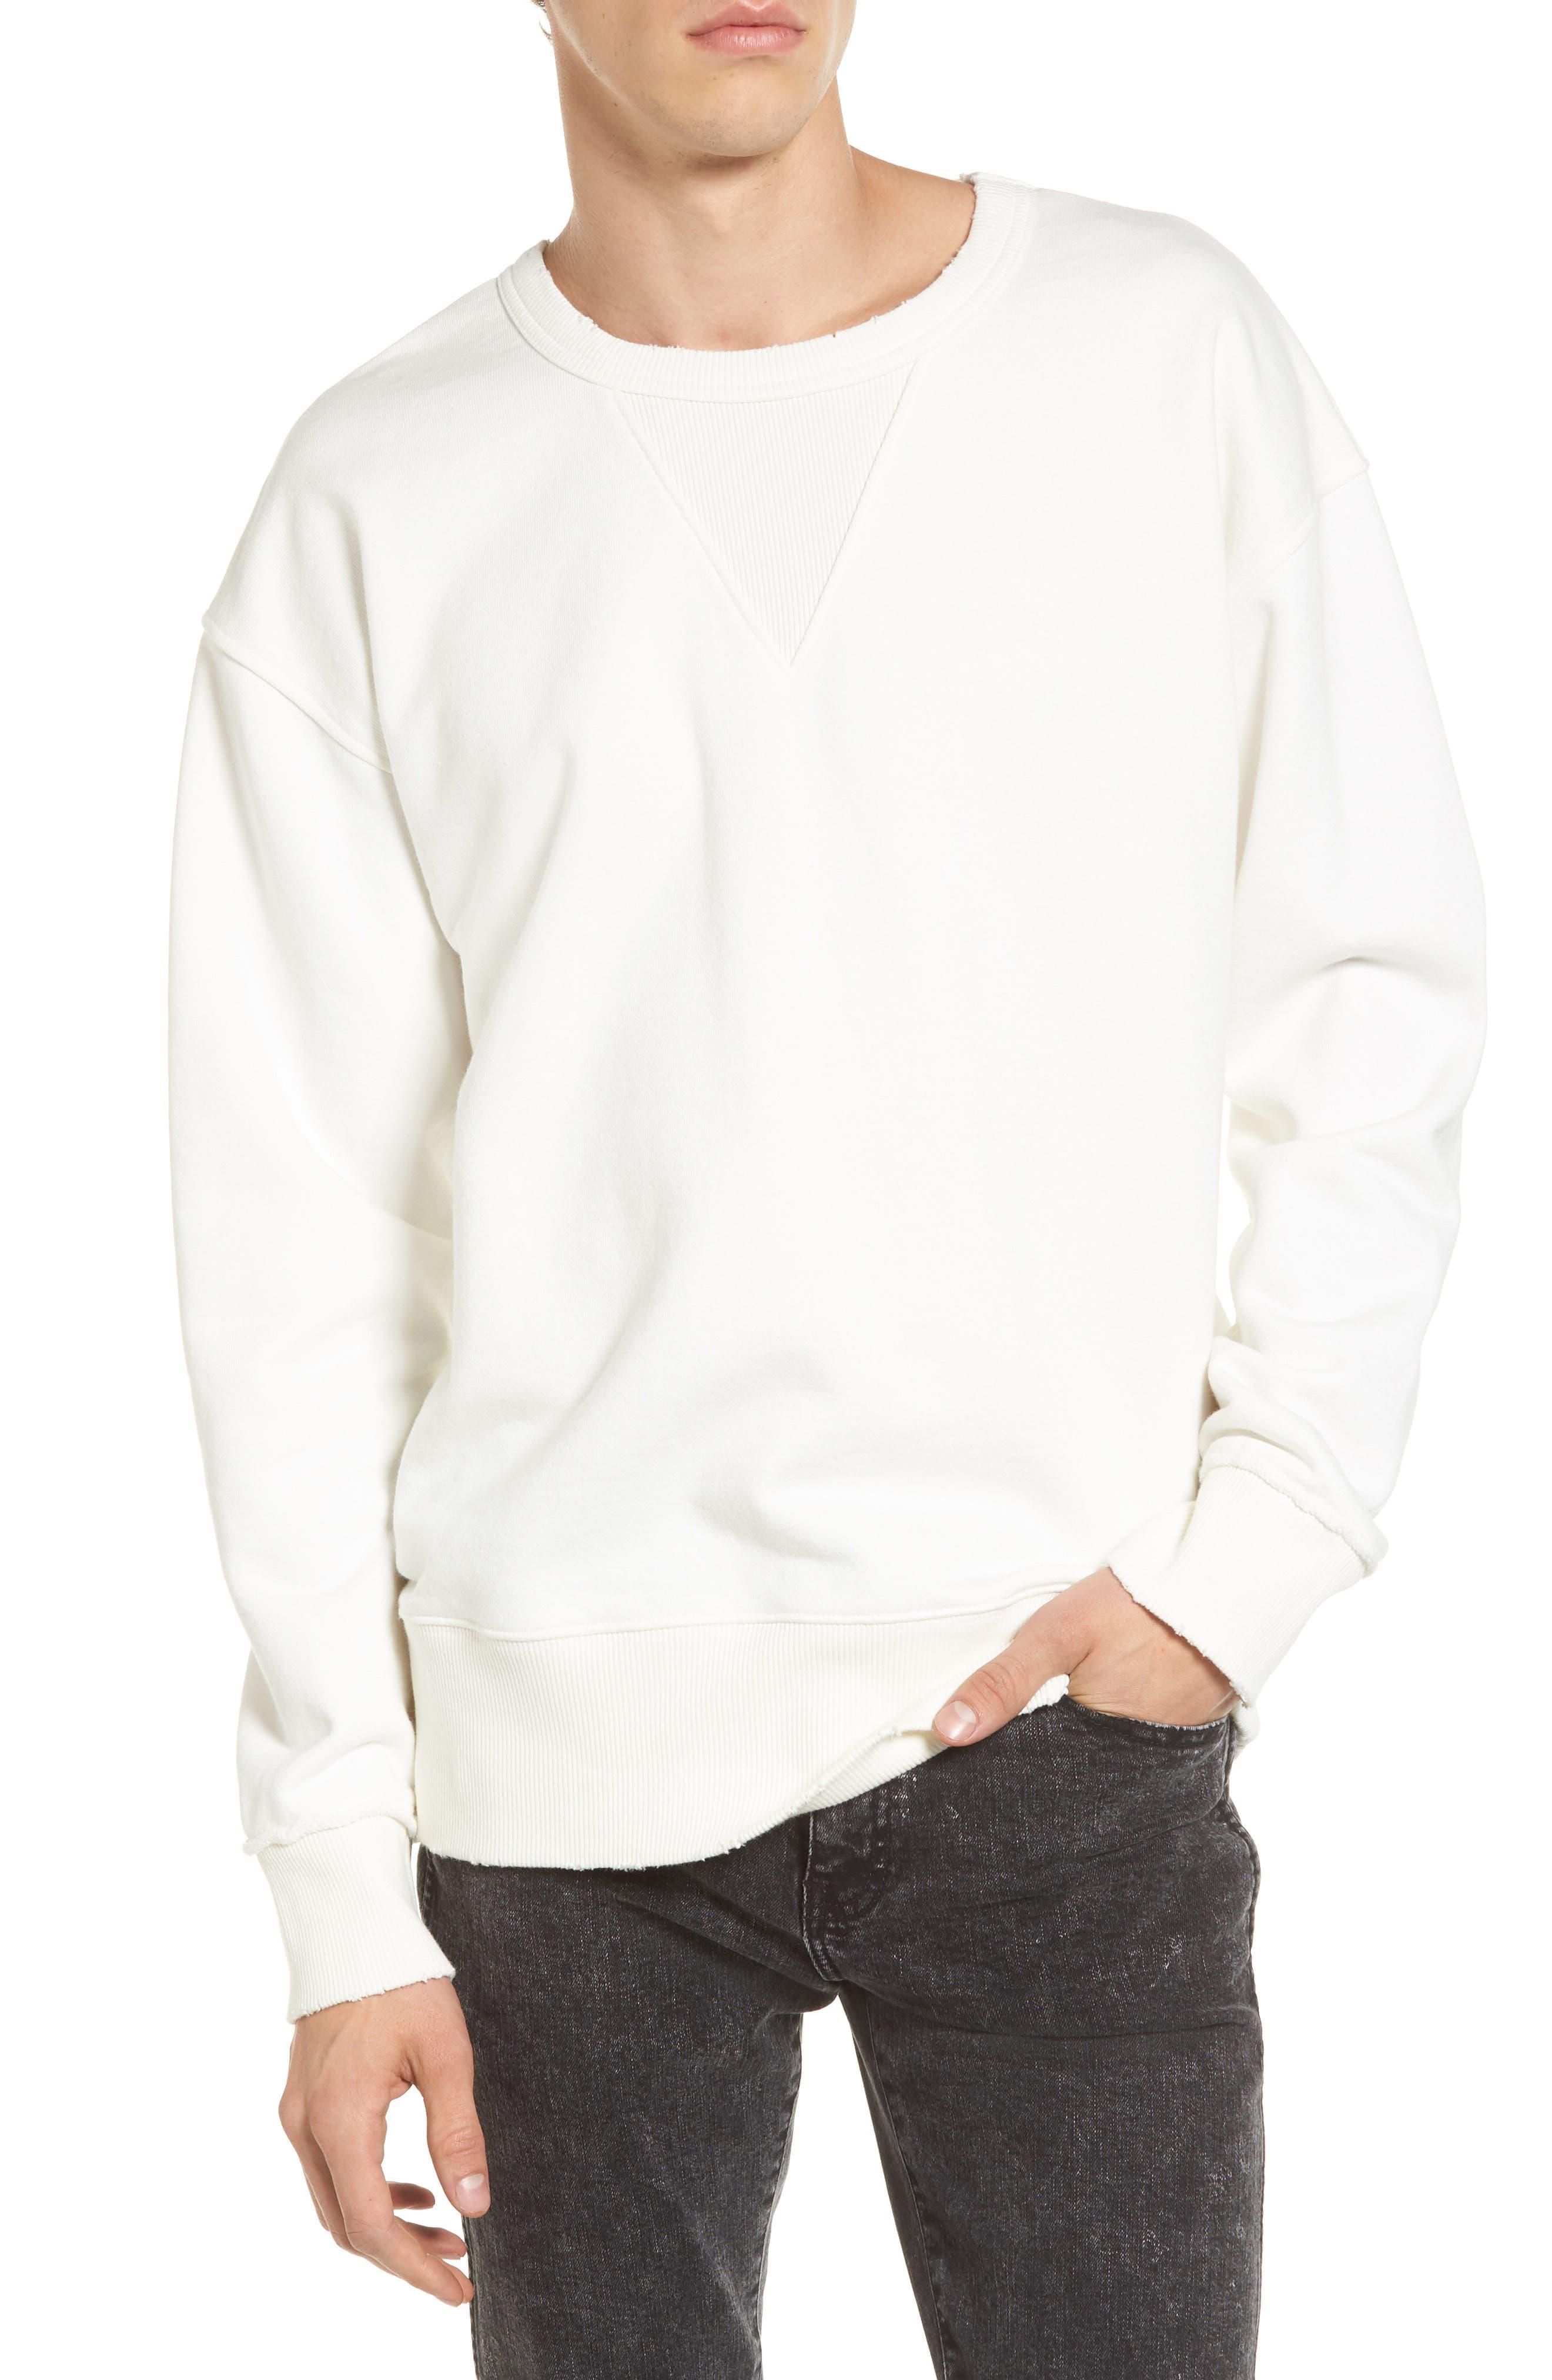 Alternate Image 1 Selected - Treasure & Bond Distressed Sweatshirt